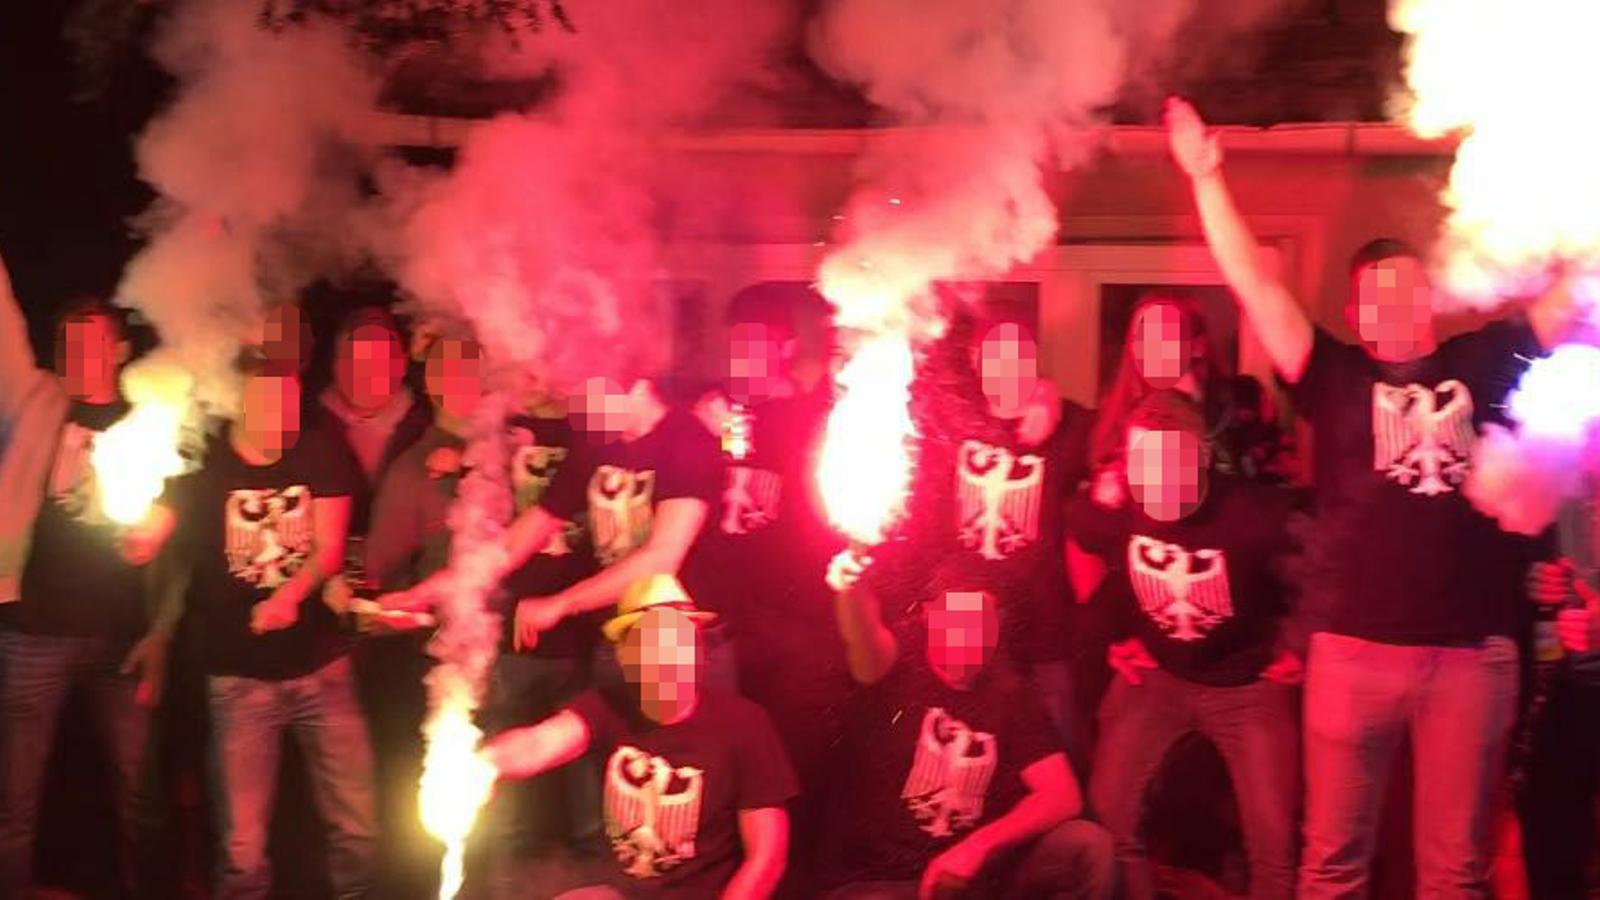 Els agressors del porter senegalès del Megapark de Palma: 'hooligans' d'un grup de lluita neonazi